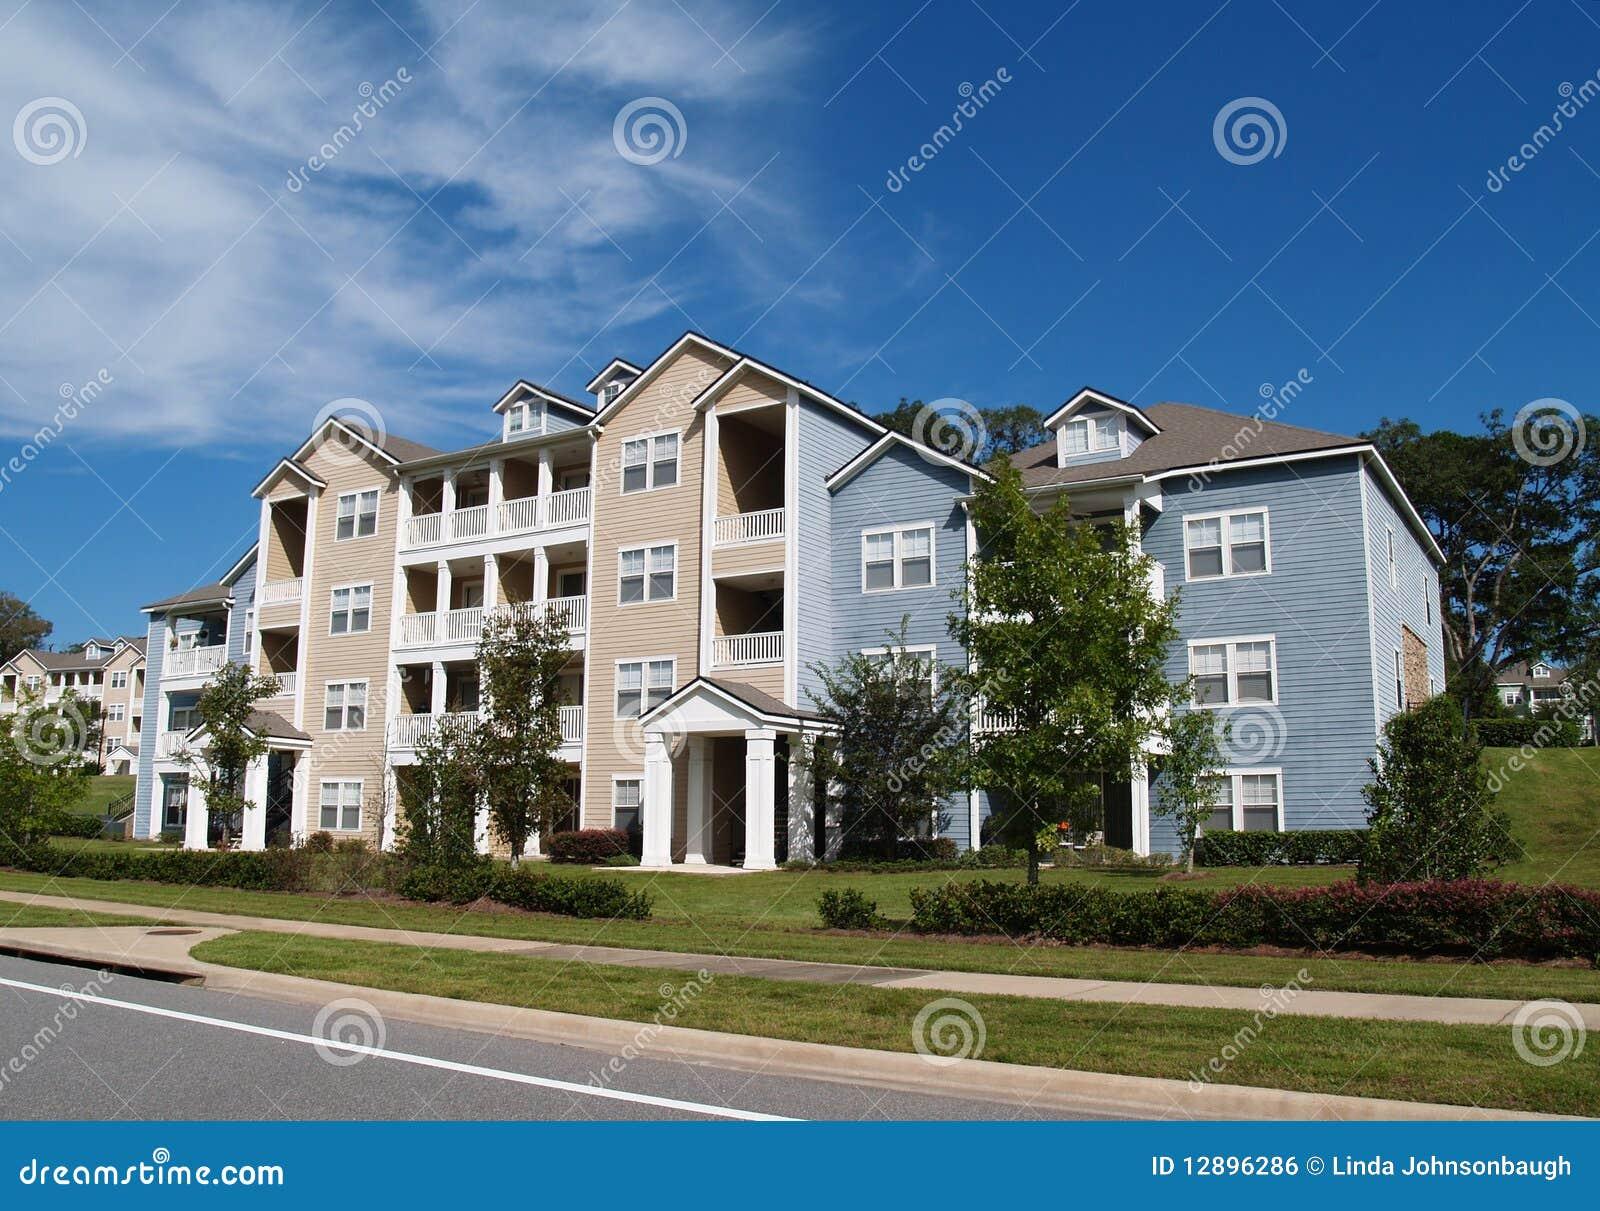 Tres propiedades horizontales, apartamentos o TownhomesCondo de la historia,